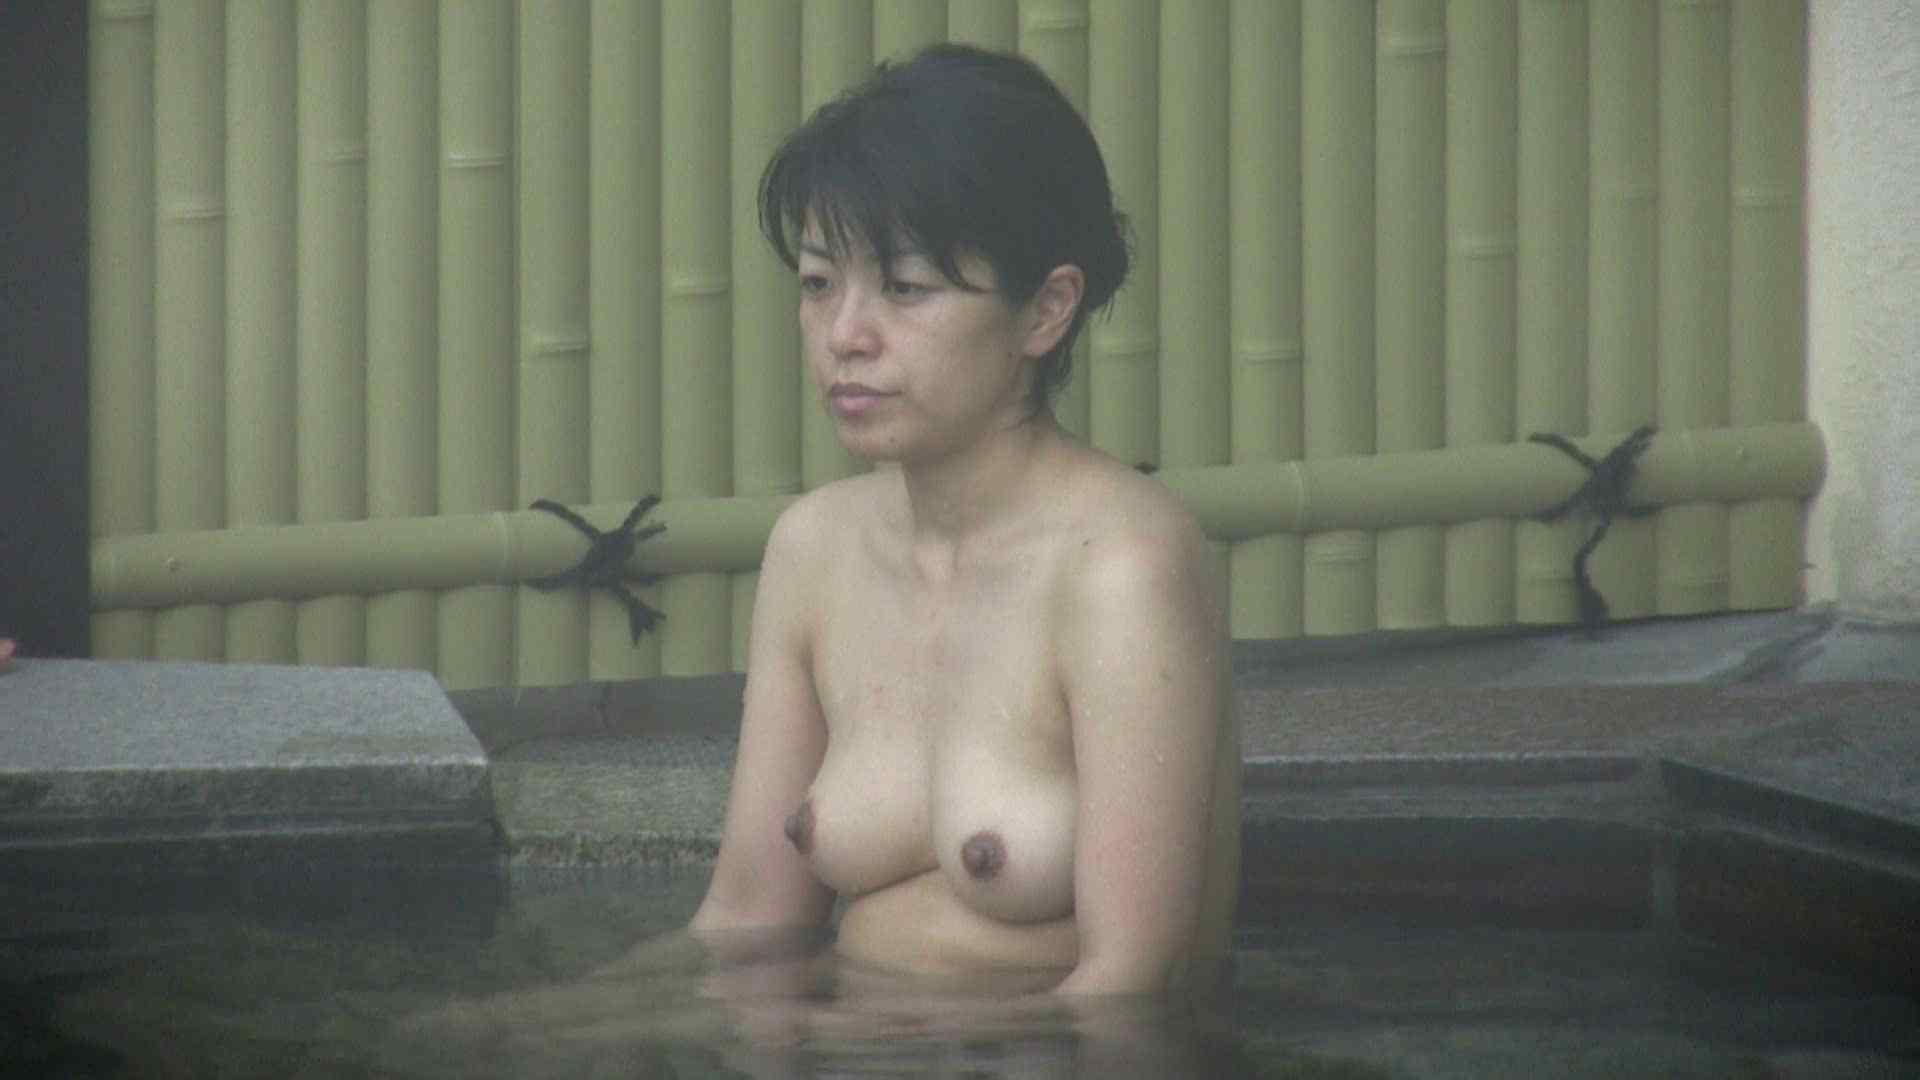 Aquaな露天風呂Vol.585 盗撮  78PICs 48